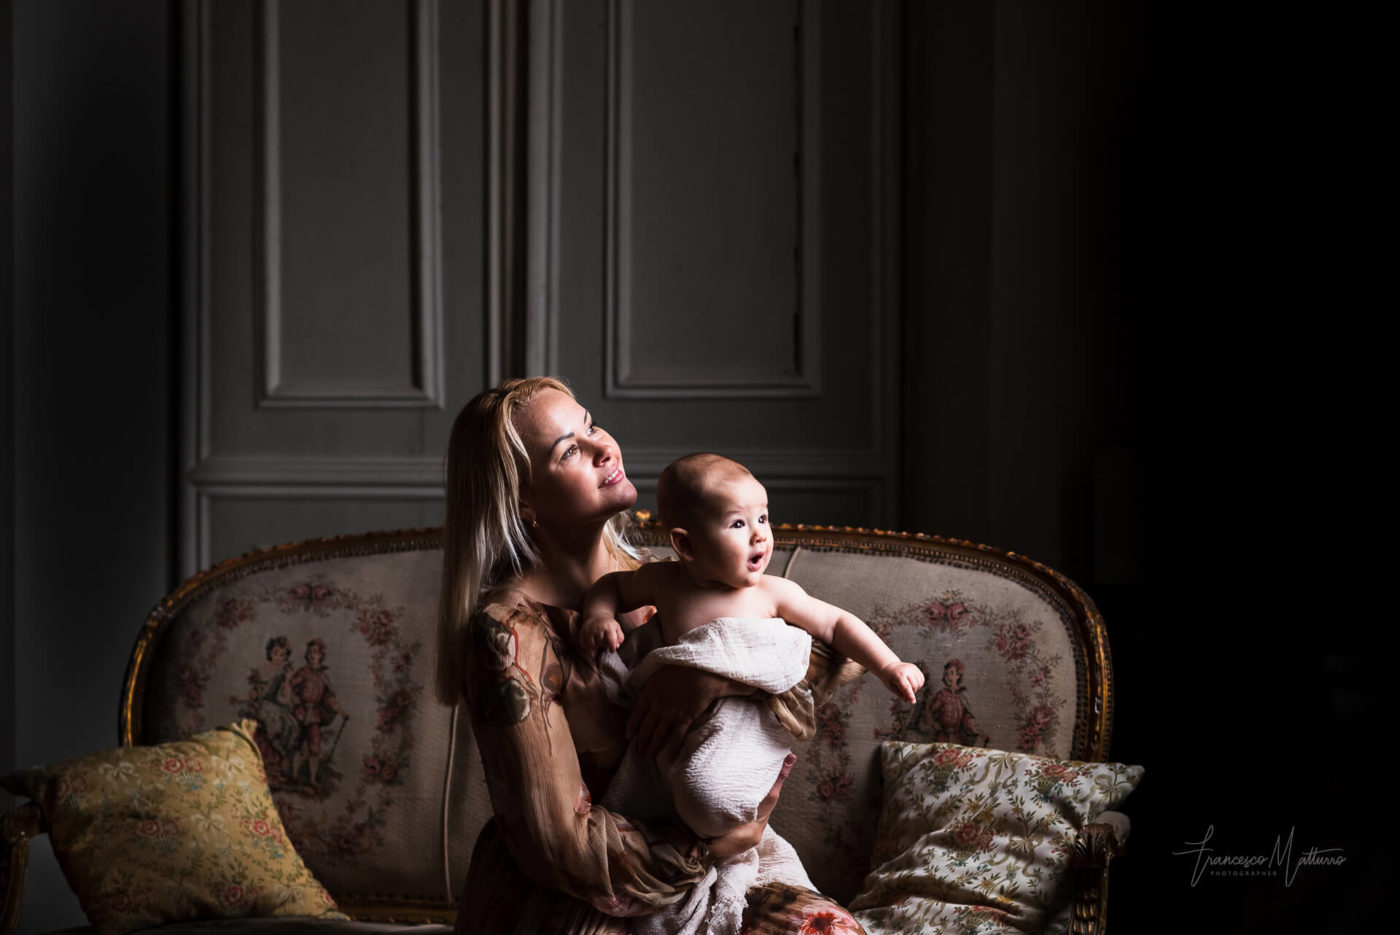 Servizio fotografico per famiglie neonati mamme in gravidanza